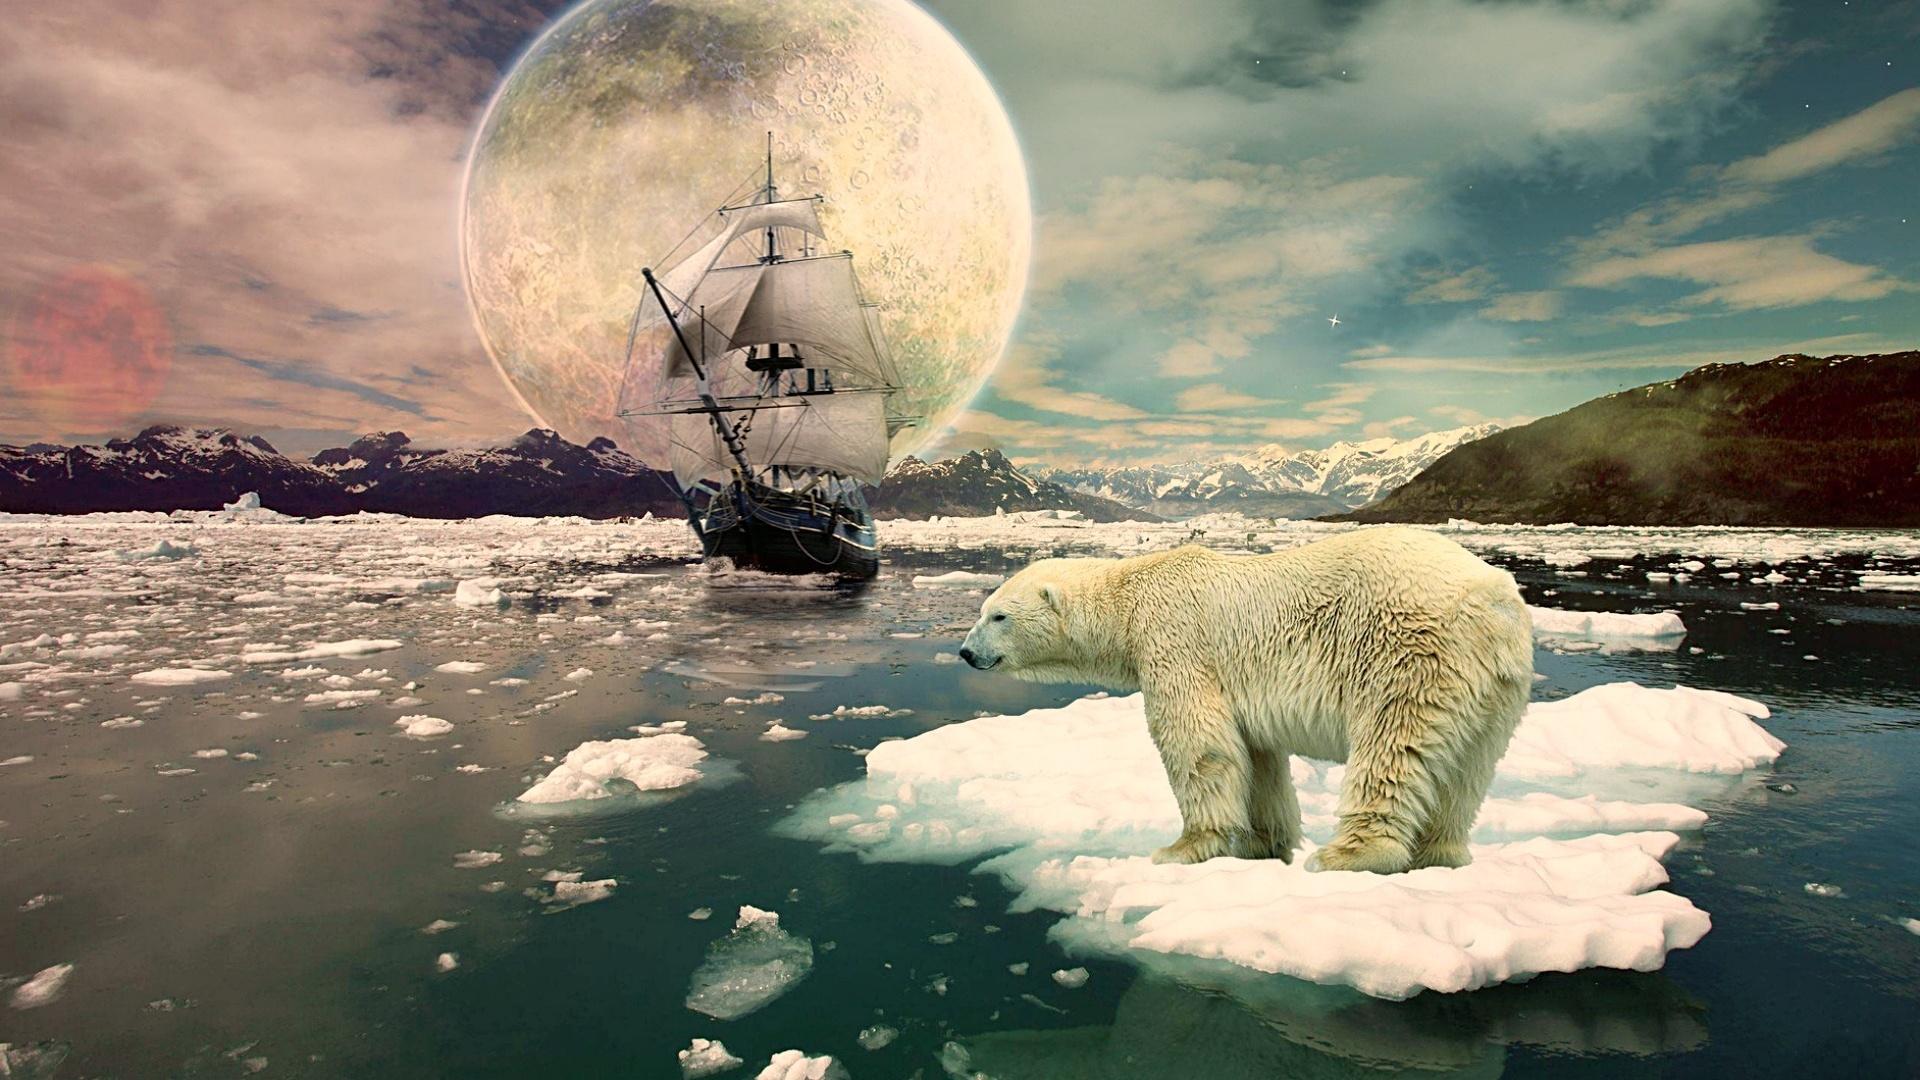 траве картинки белых медведей фэнтези приморского края